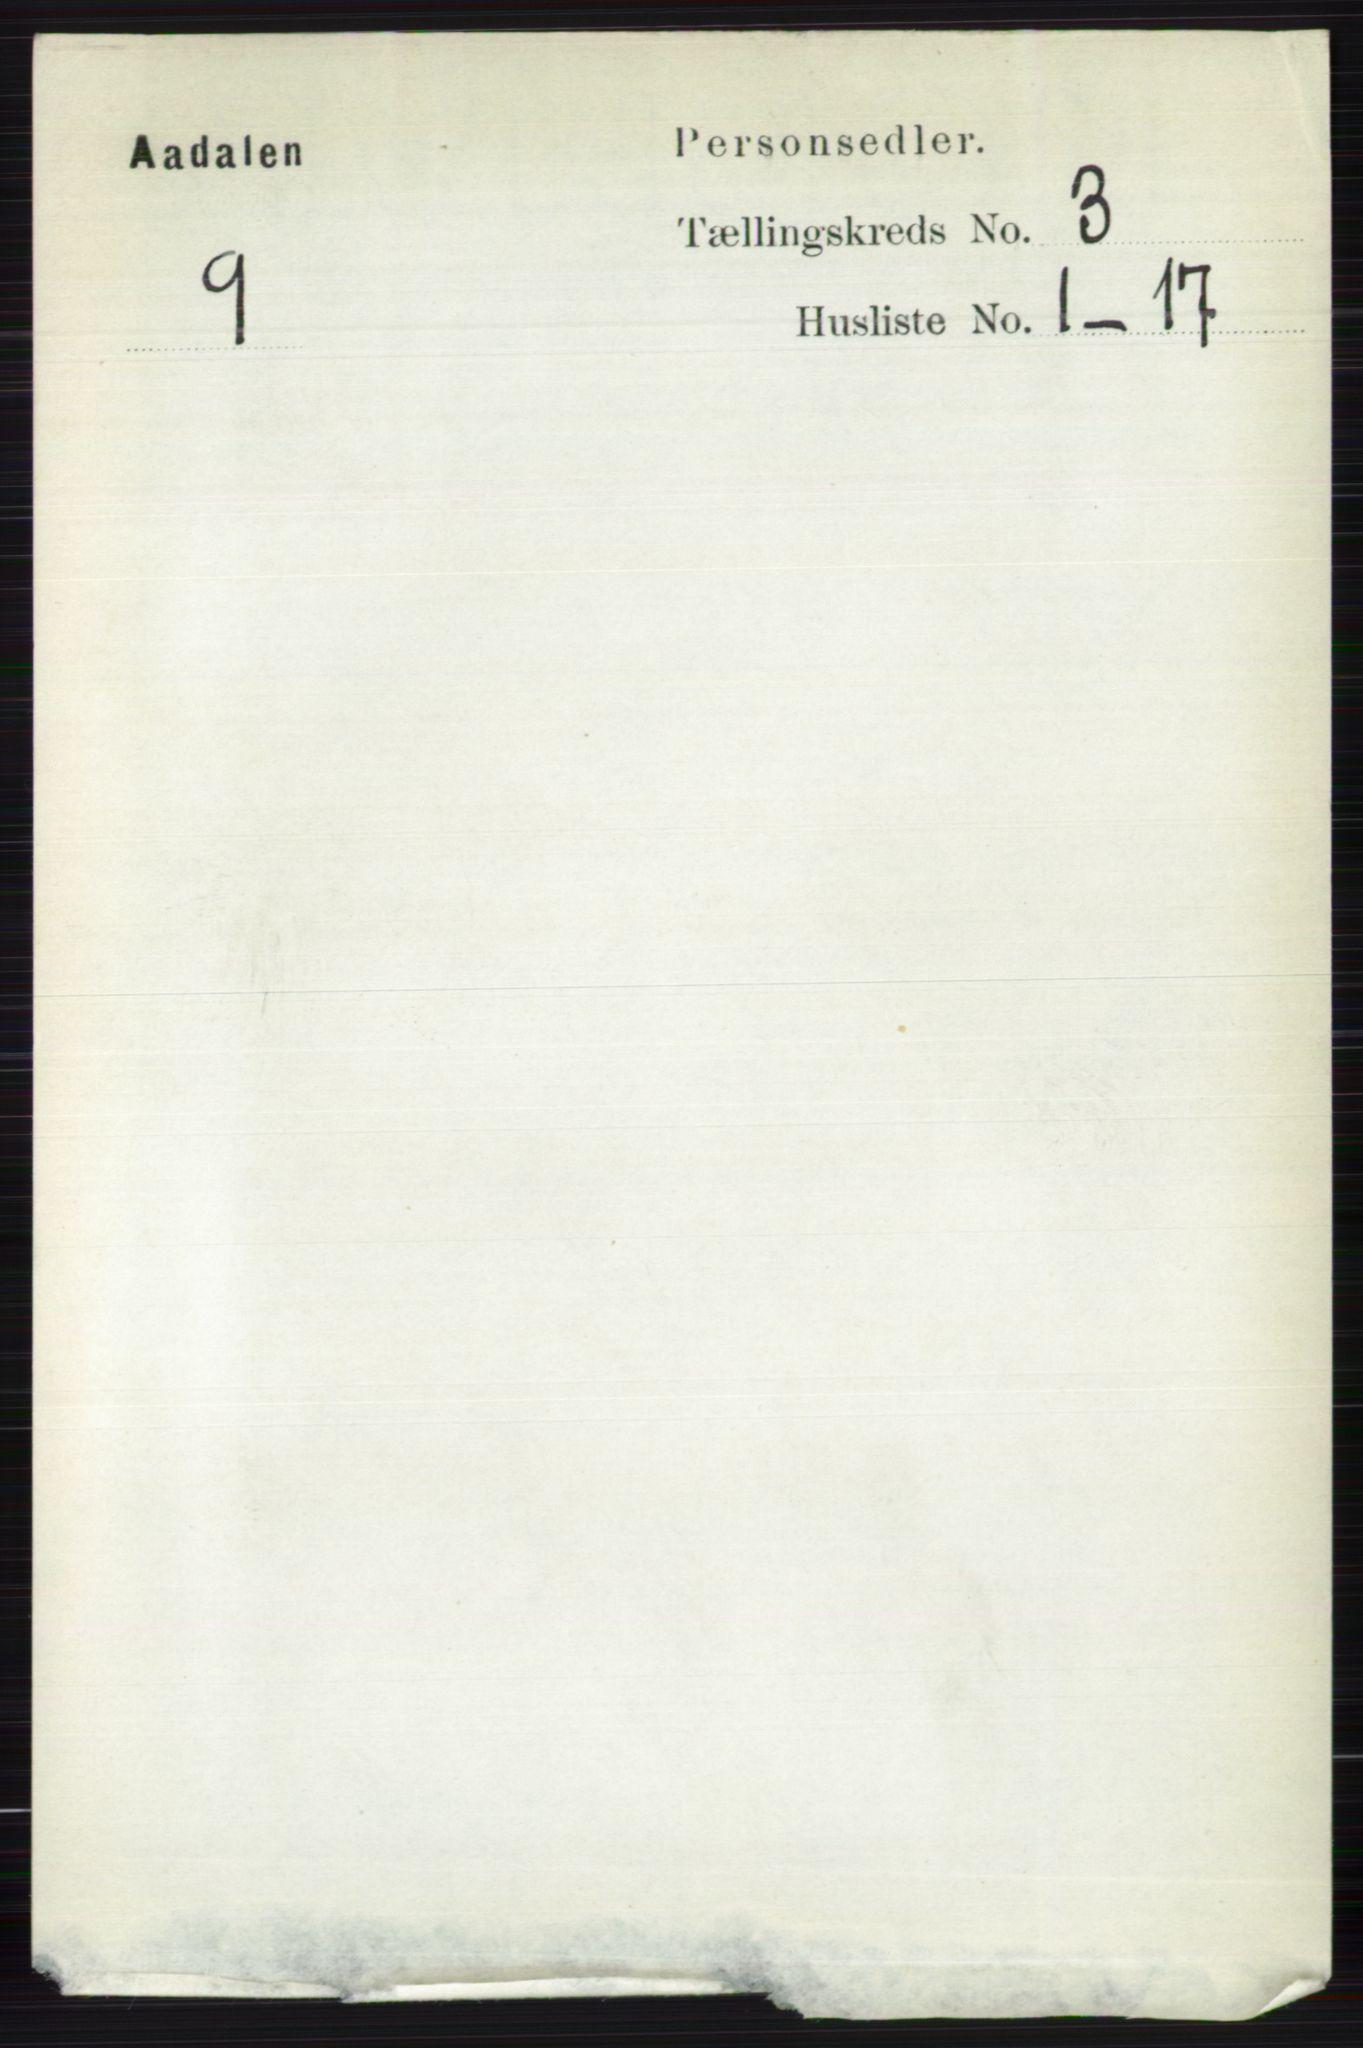 RA, Folketelling 1891 for 0614 Ådal herred, 1891, s. 1027